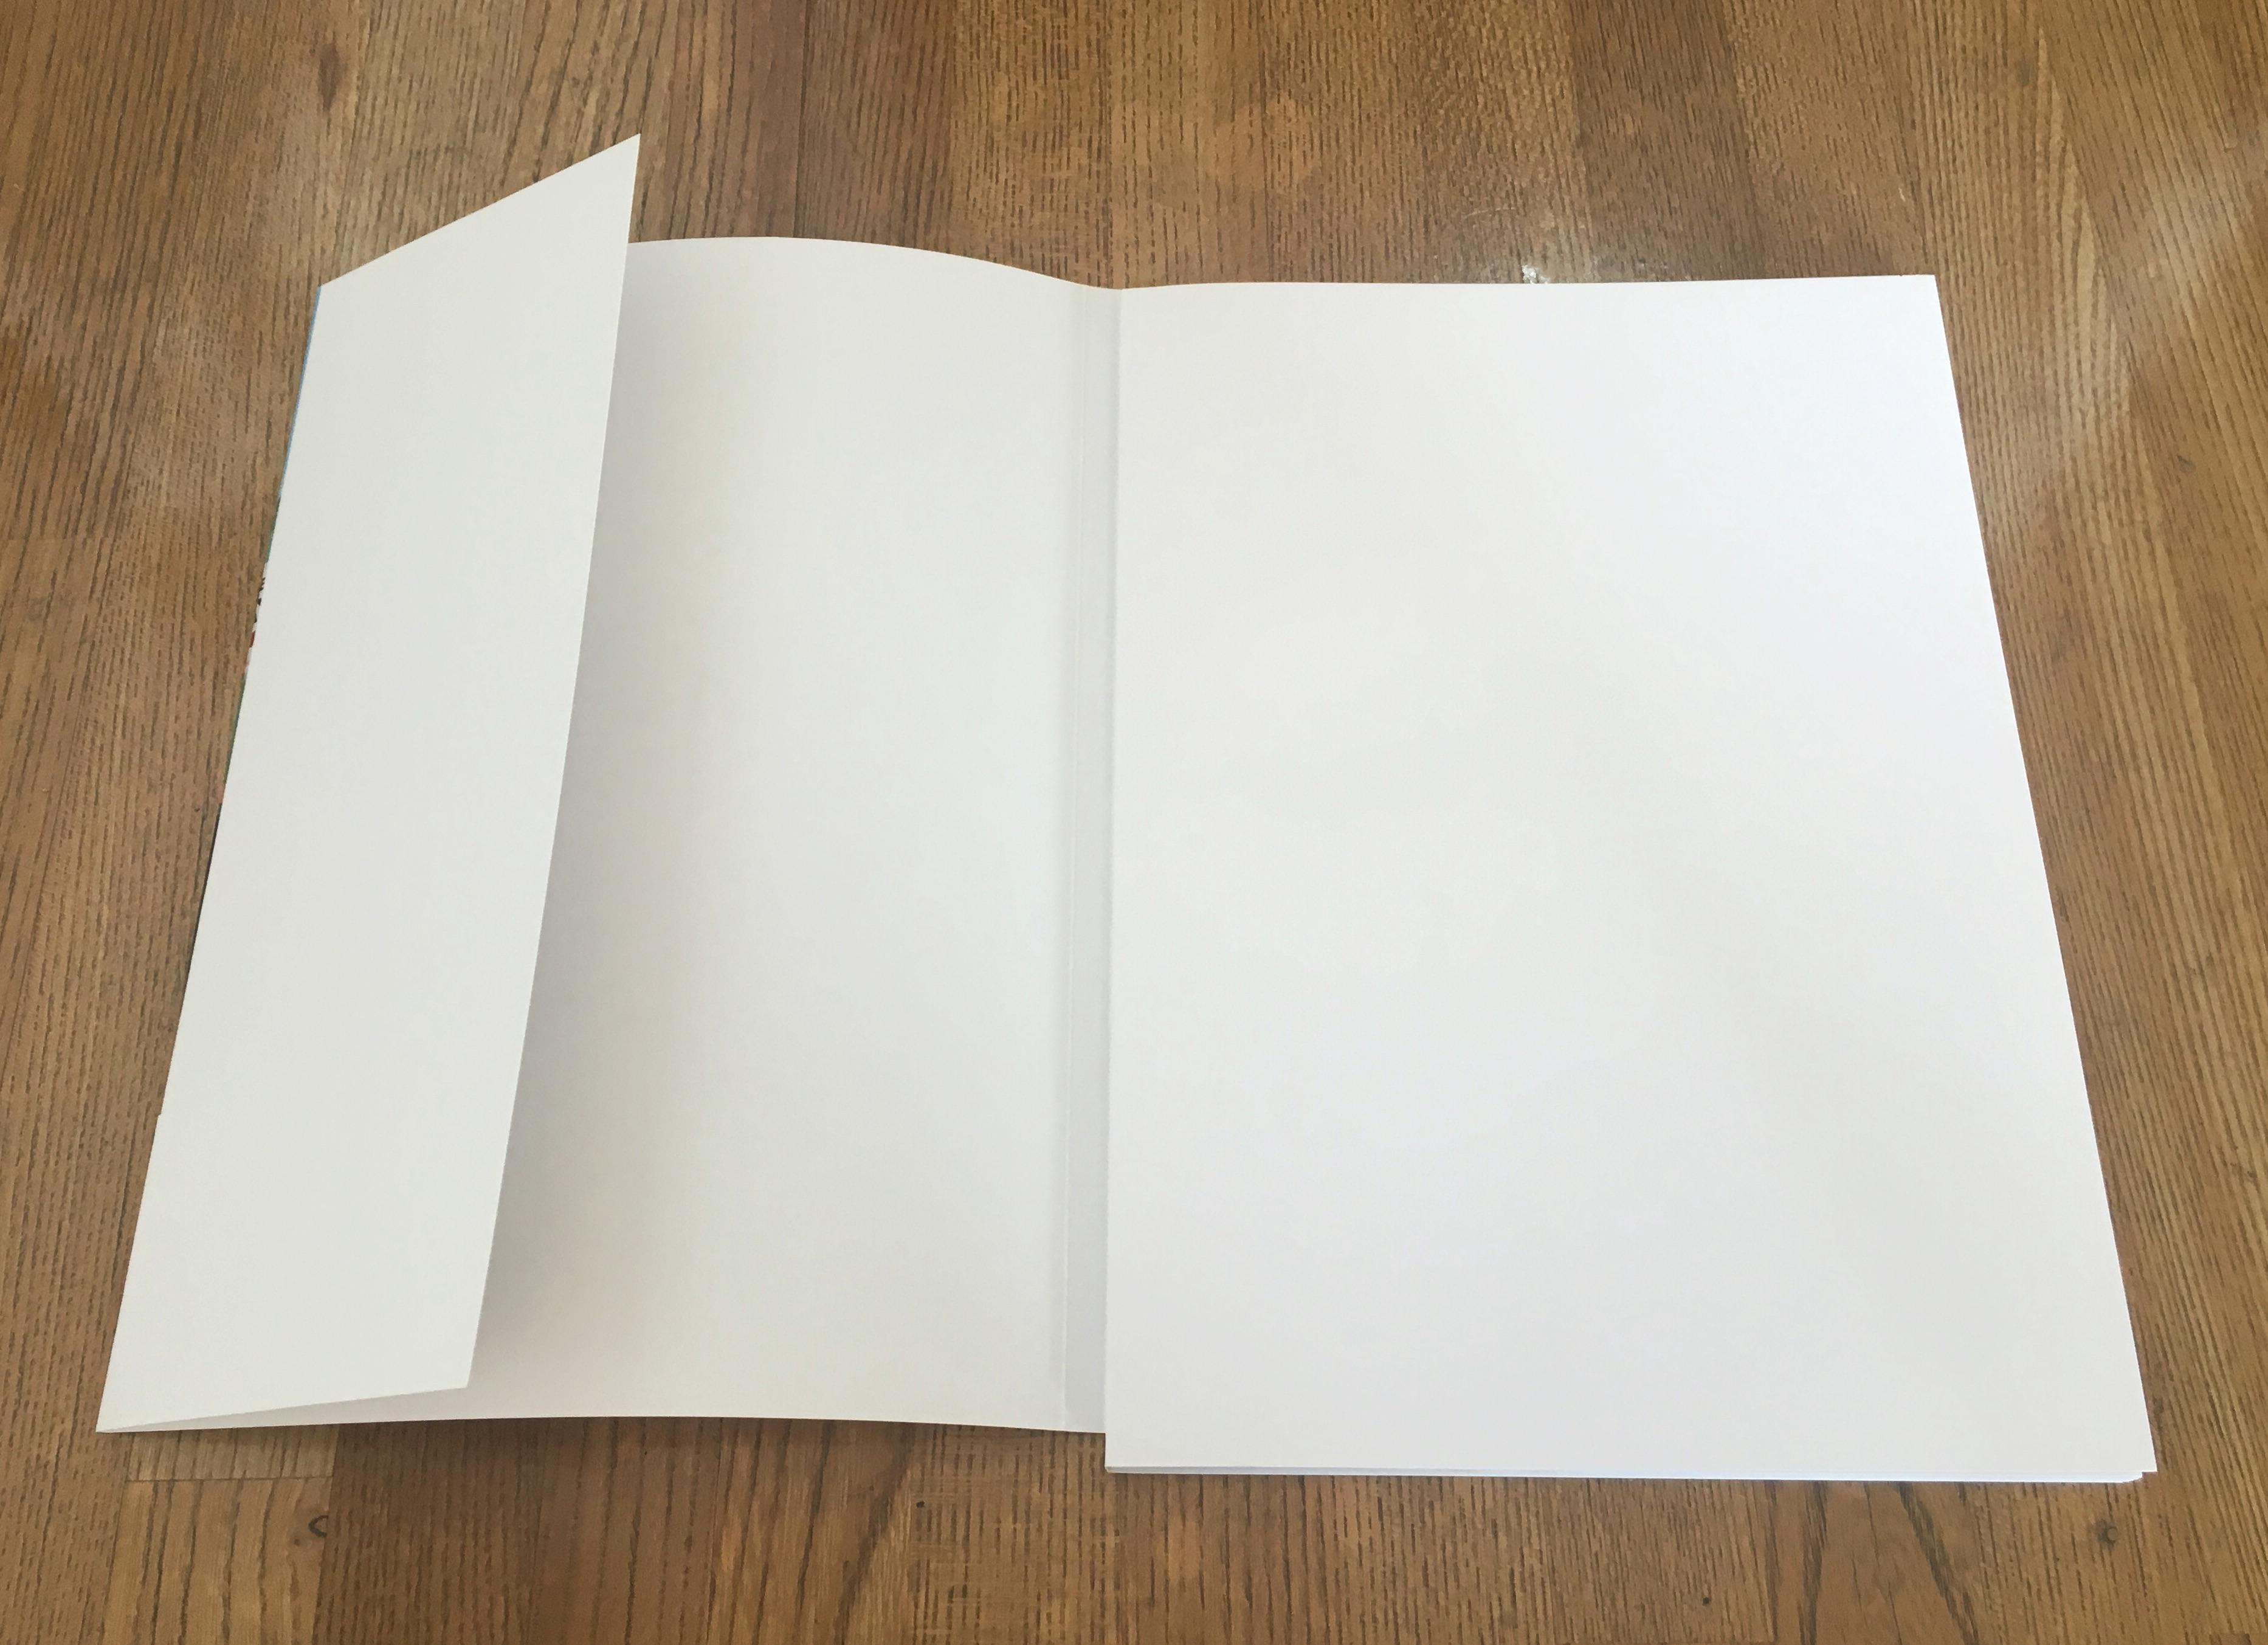 しまうまプリントのフォトブック